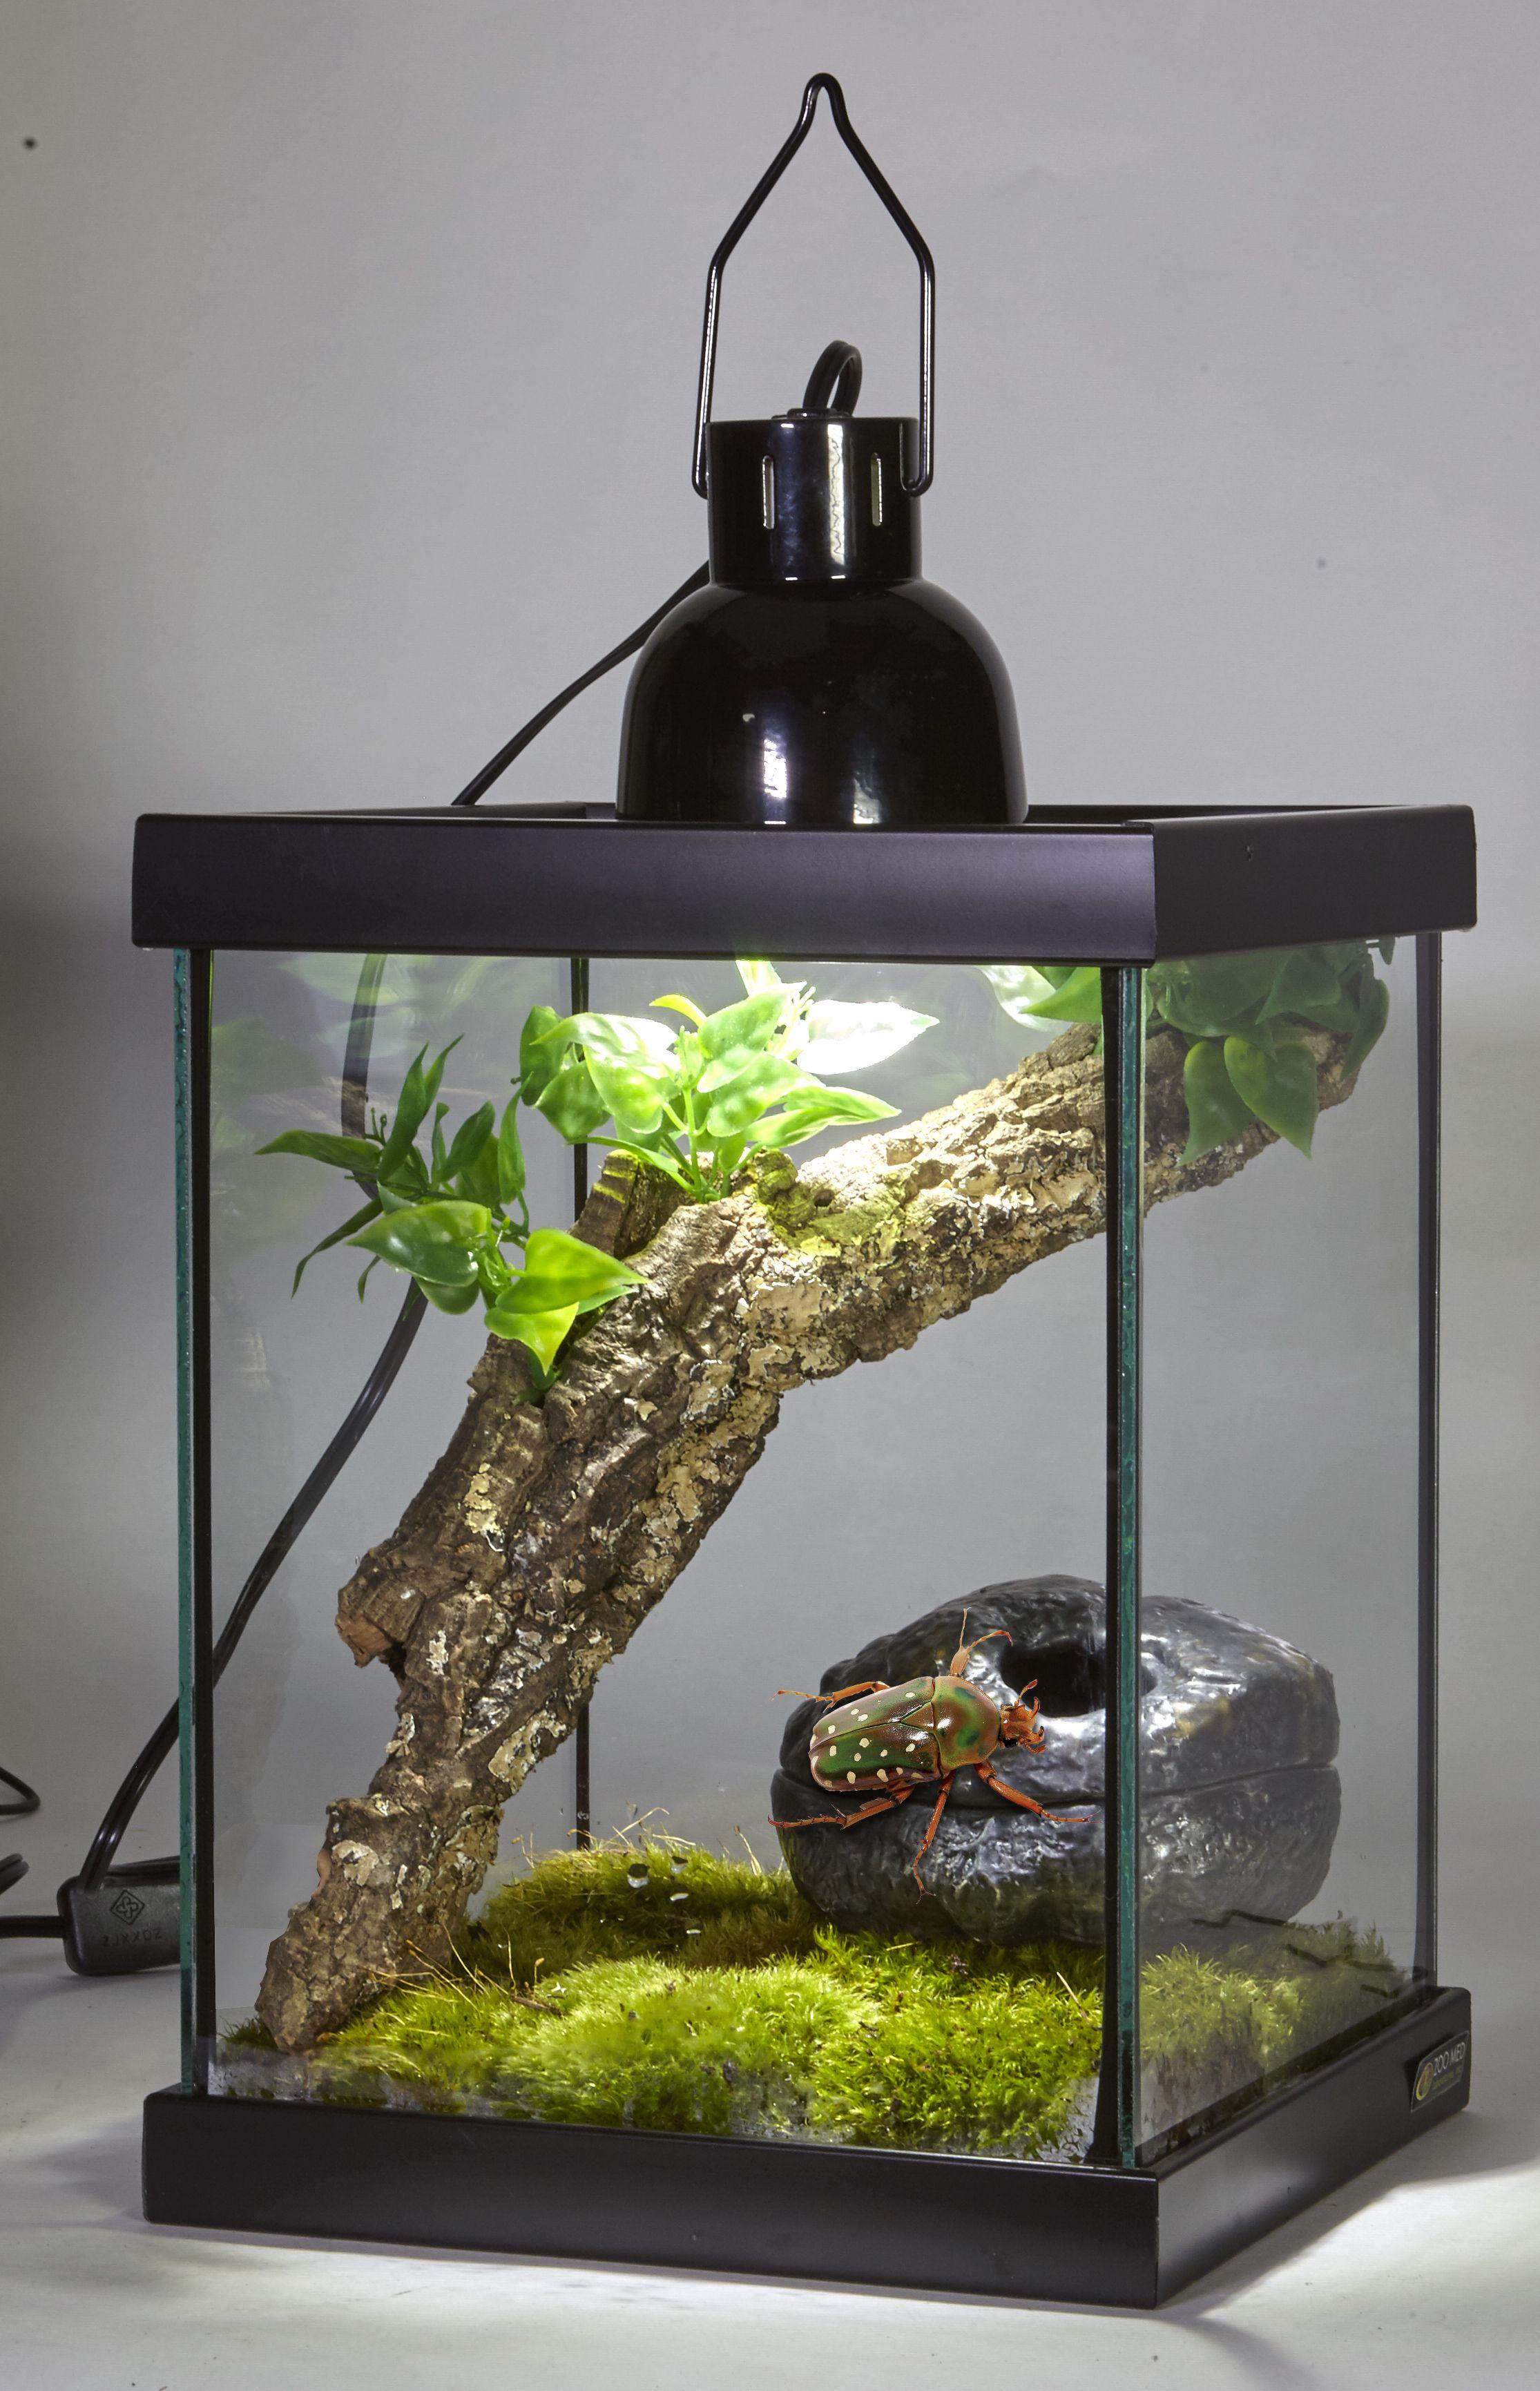 Bugarium Custom Habitat With Nano Dome Lamp Fixture Http Zoomed Com Terrarium Reptile Terrarium Glass Terrarium